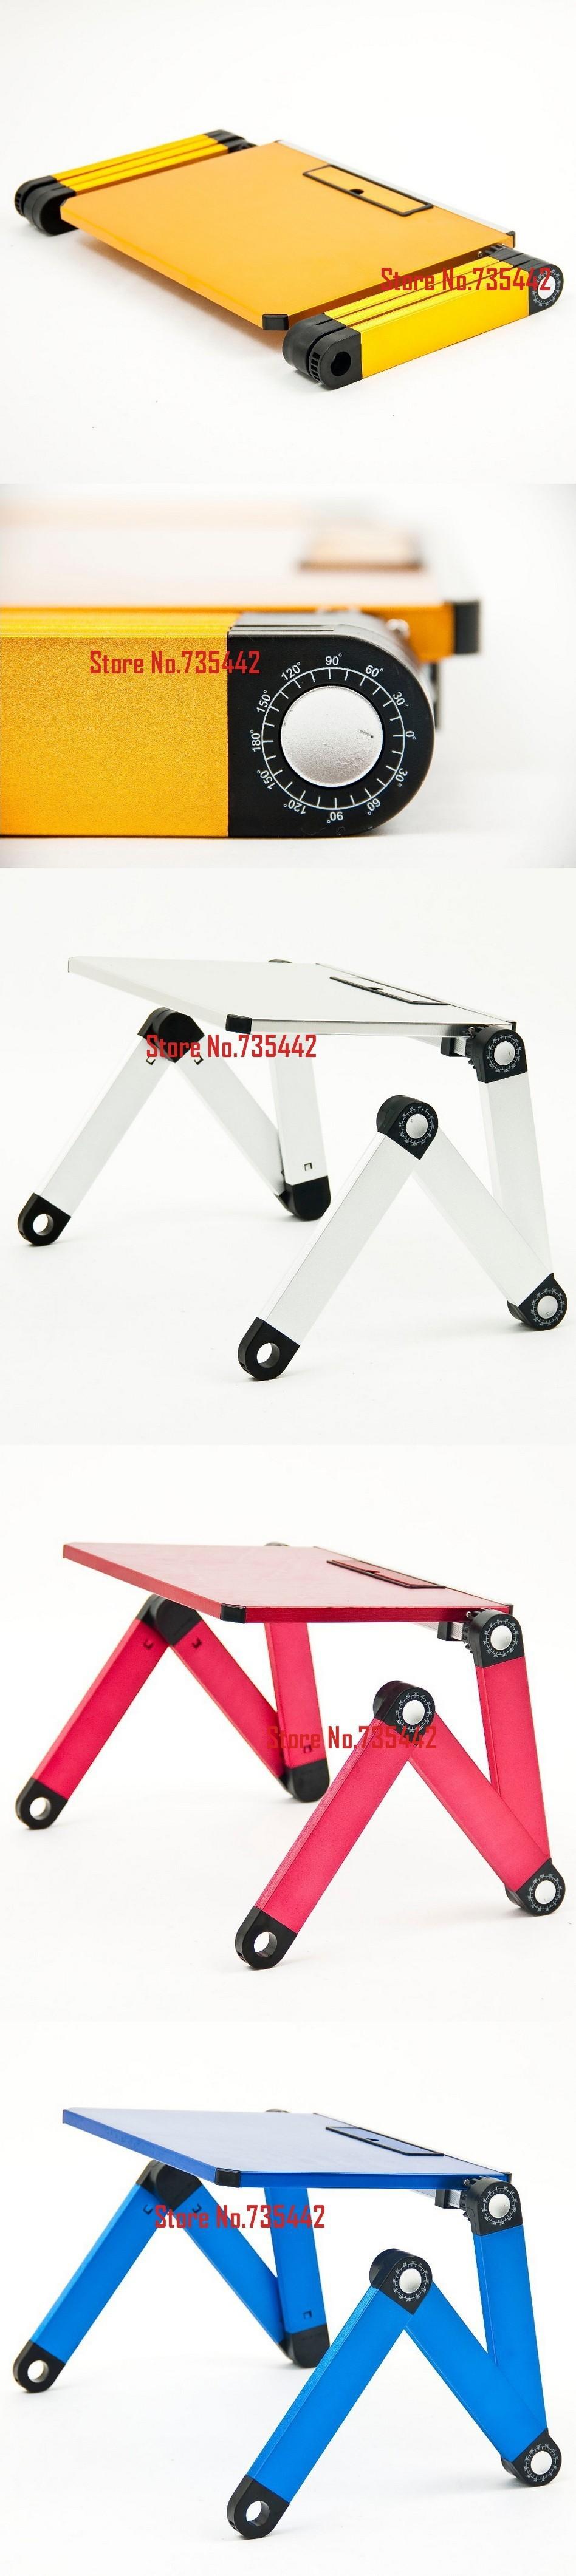 Т3 красный СД украл для ноутбука Squad стол ноутбук стол график доске стоять officestandtable